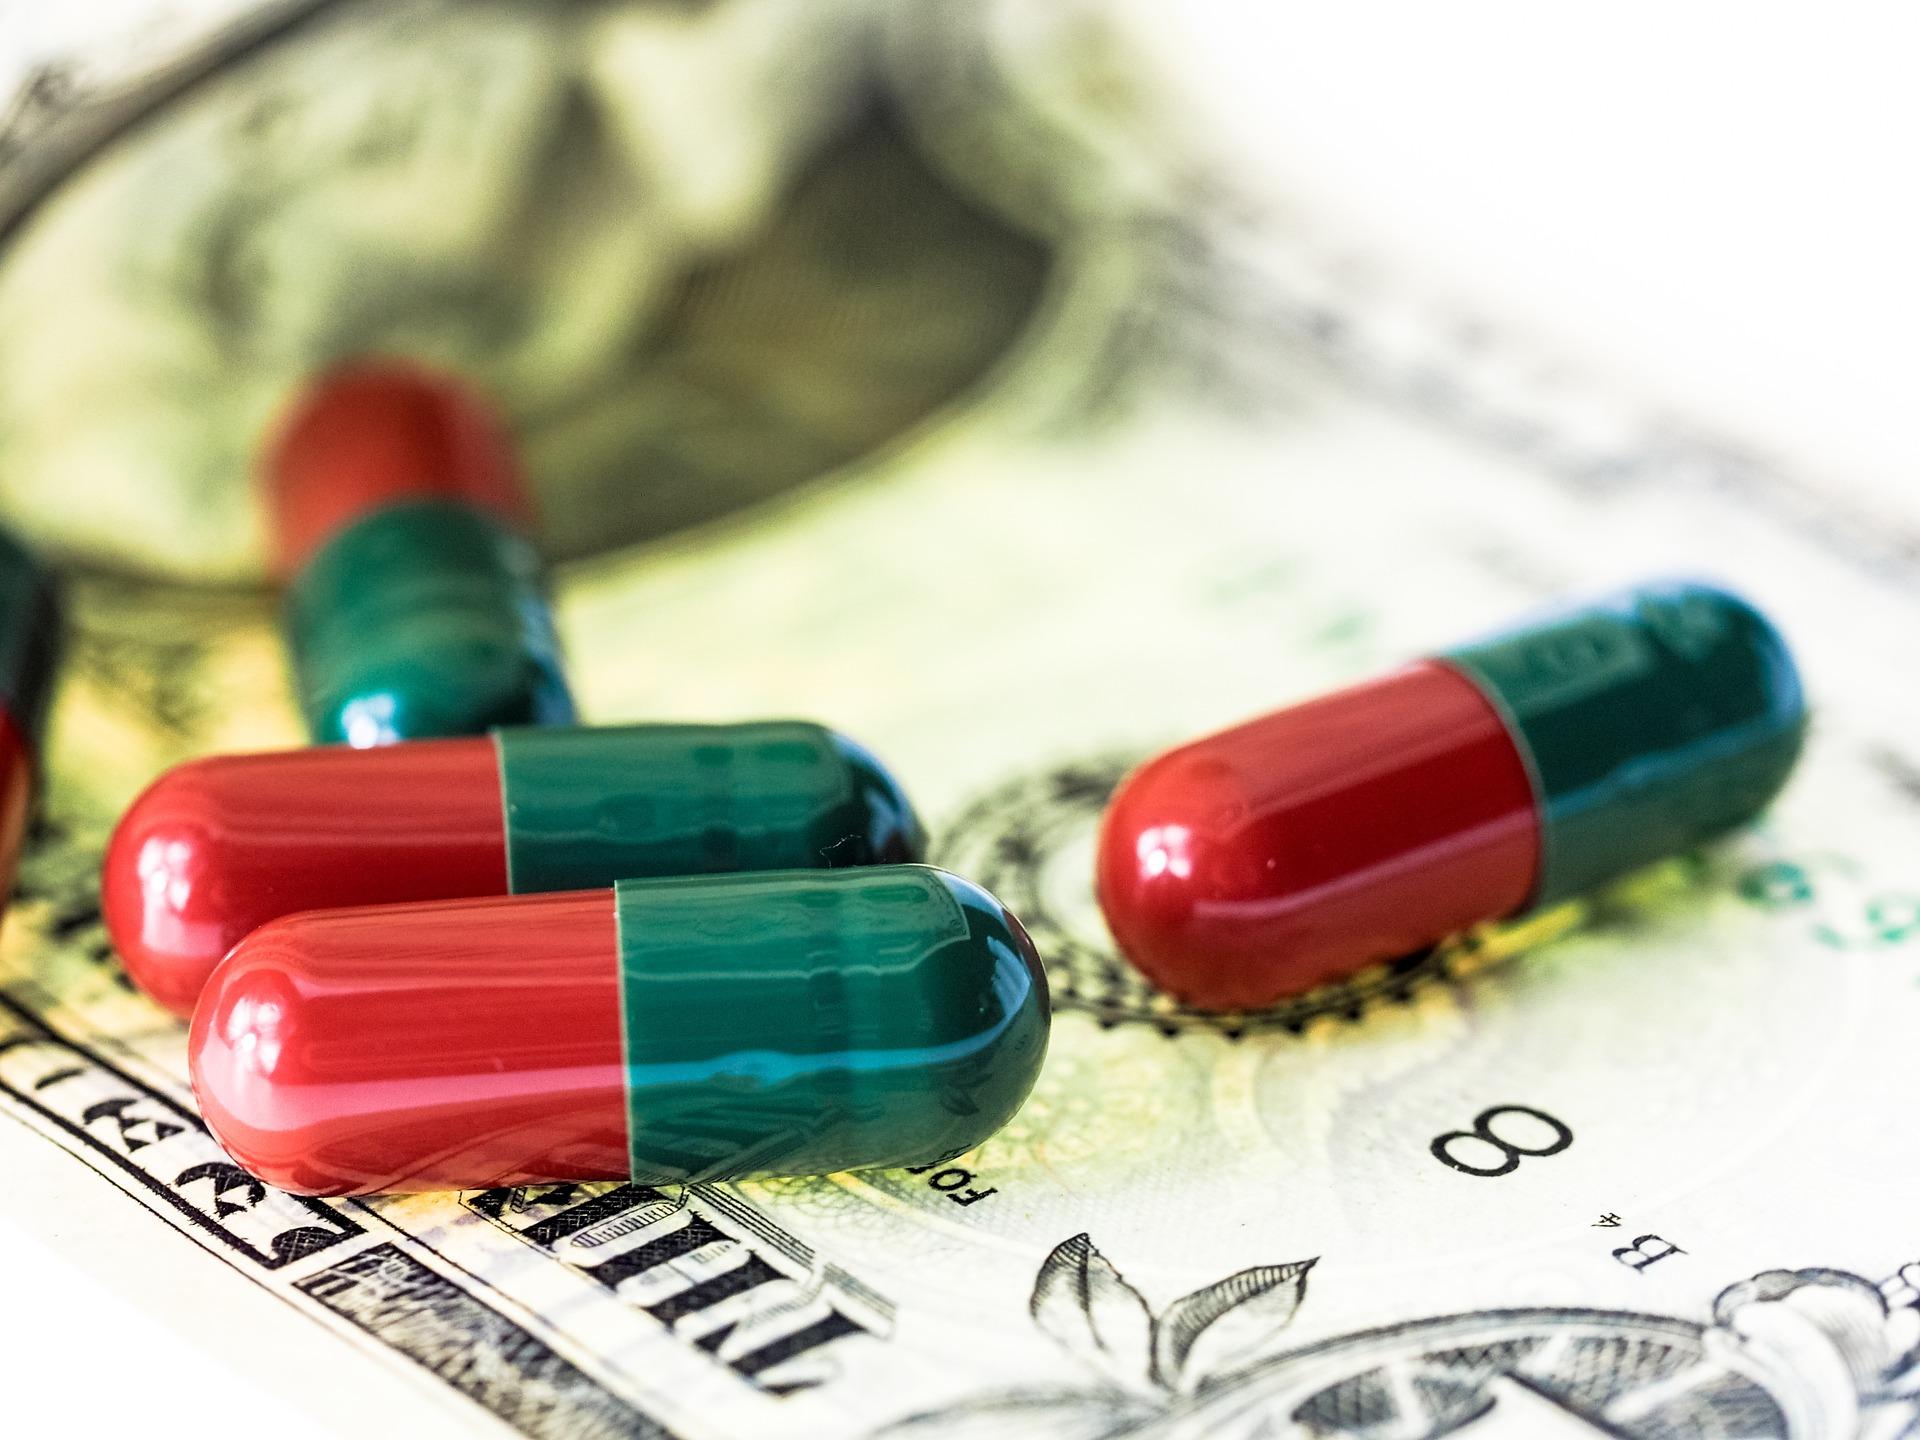 Medicamento terá custo alto, segundo entidade especializada.